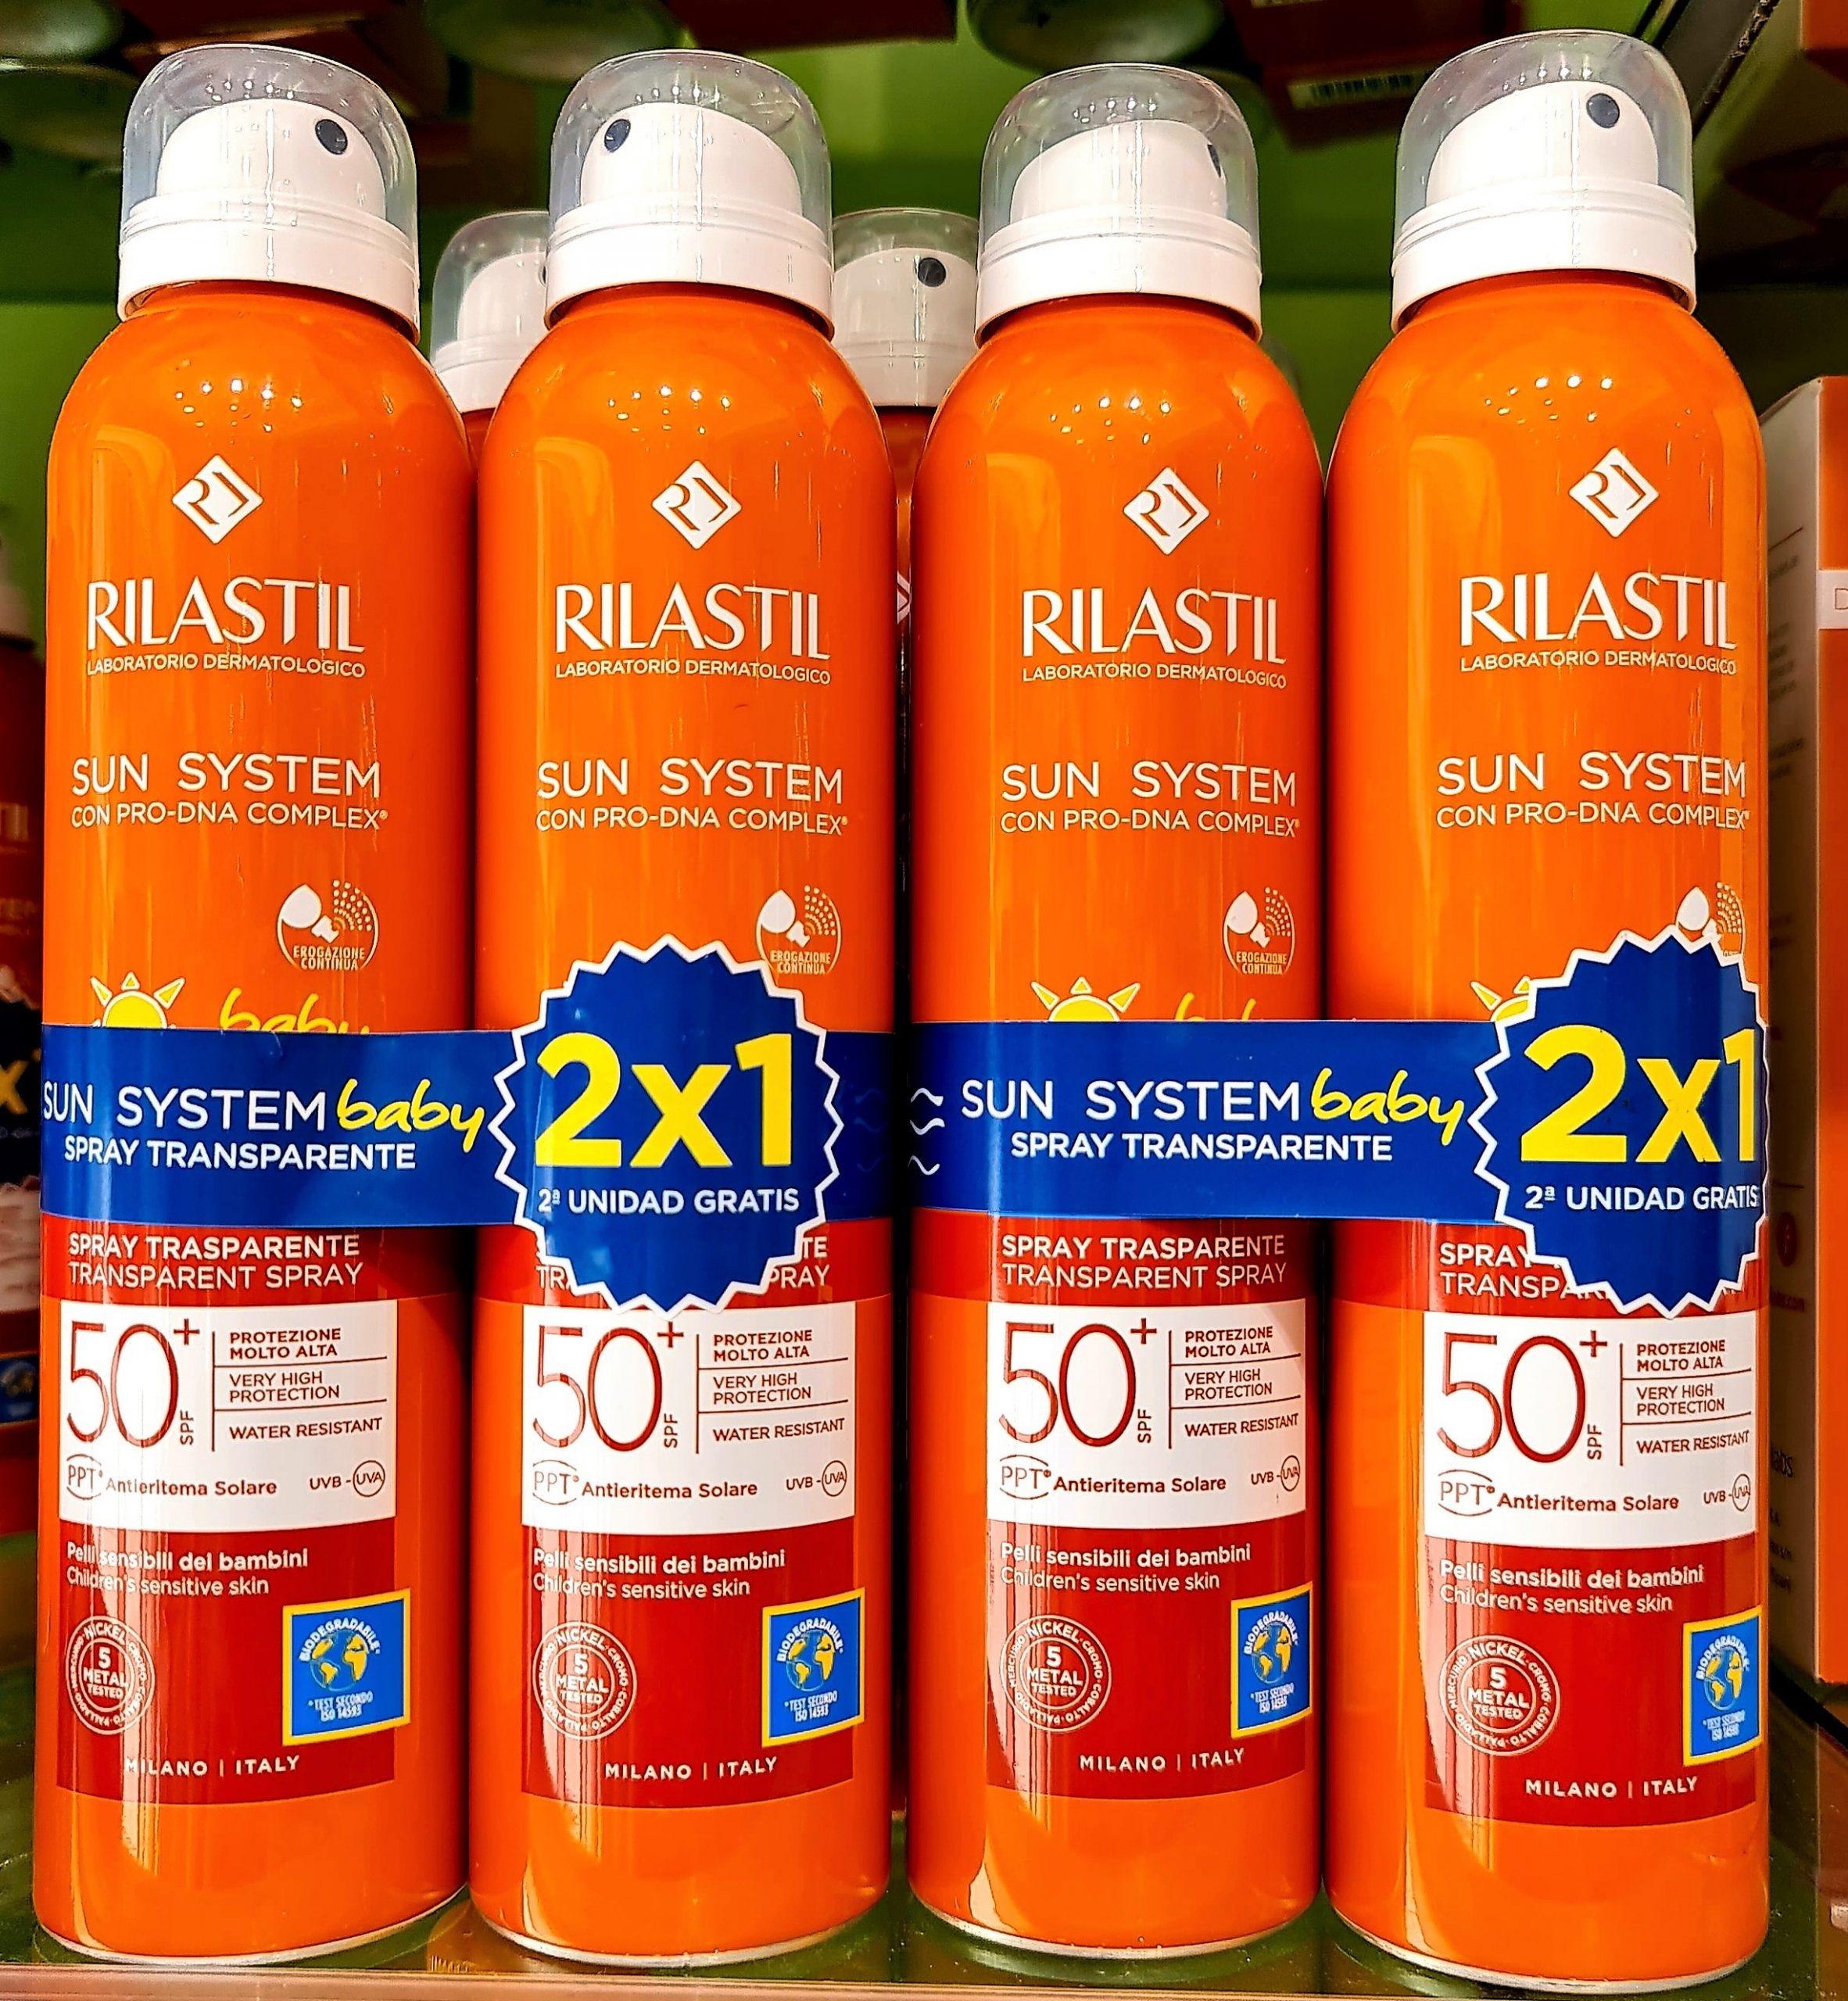 RILASTIL Sunlaude Spray Transparente SPF50+ 75 ml Muy alta protección solar UVA y UVB para piel mojada o seca de textura refrescante y tacto ligero.